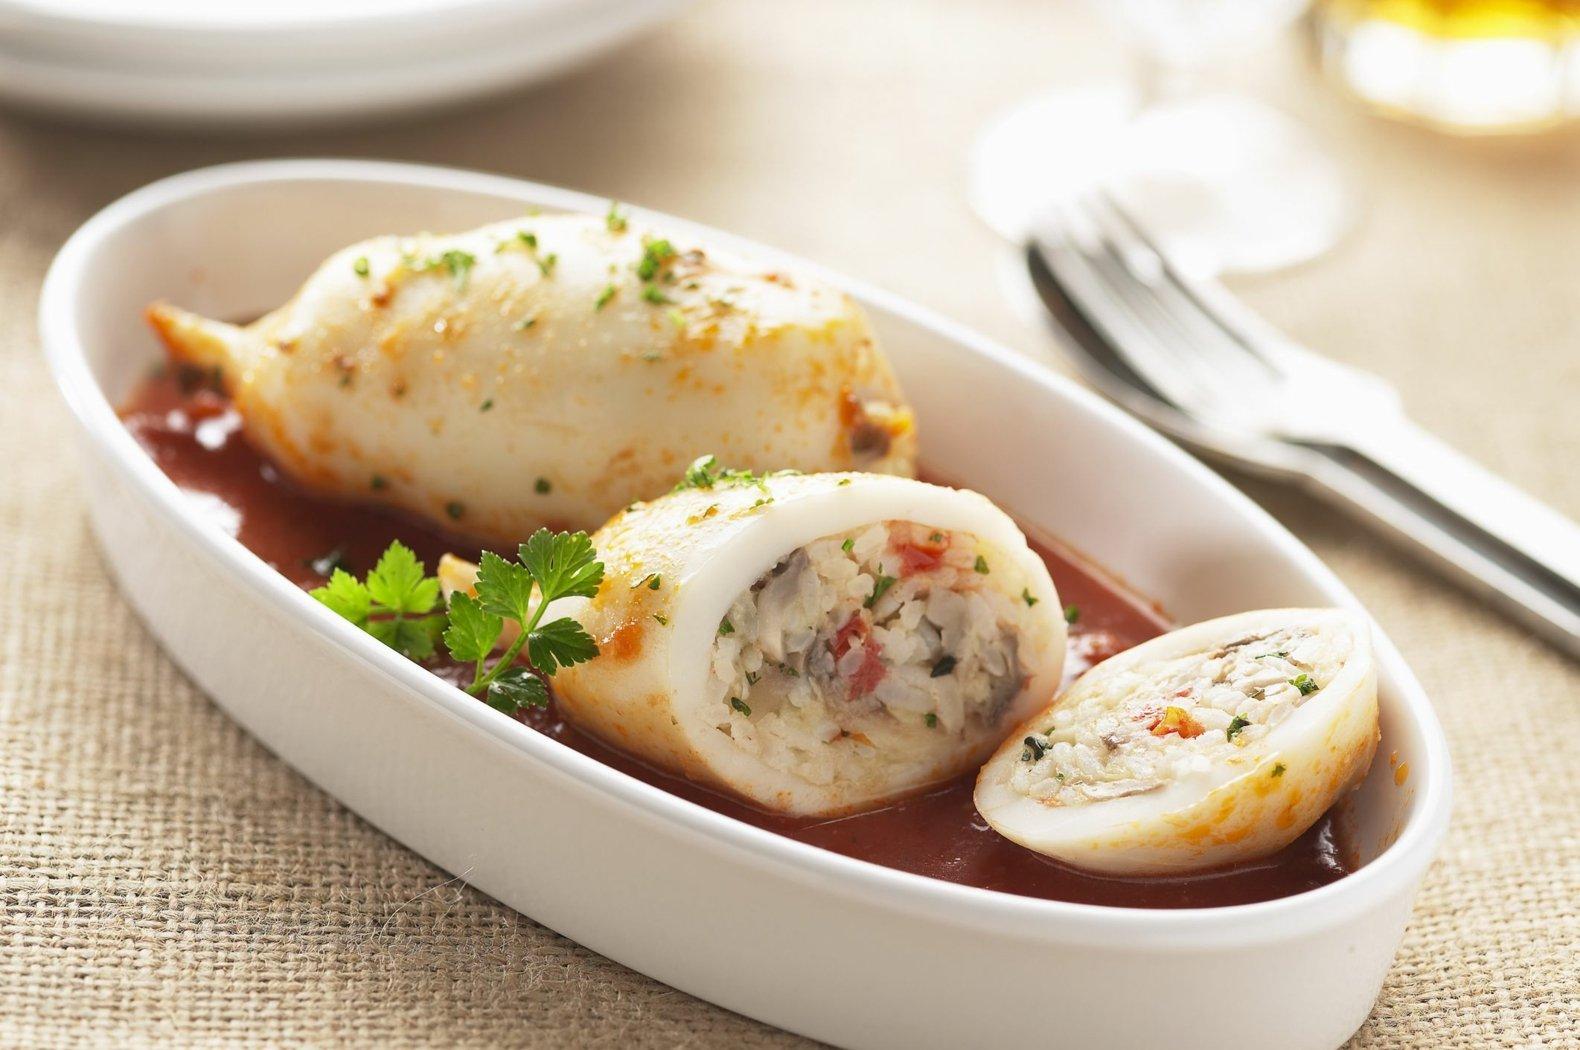 Tintenfischtuben gefüllt mit Soße